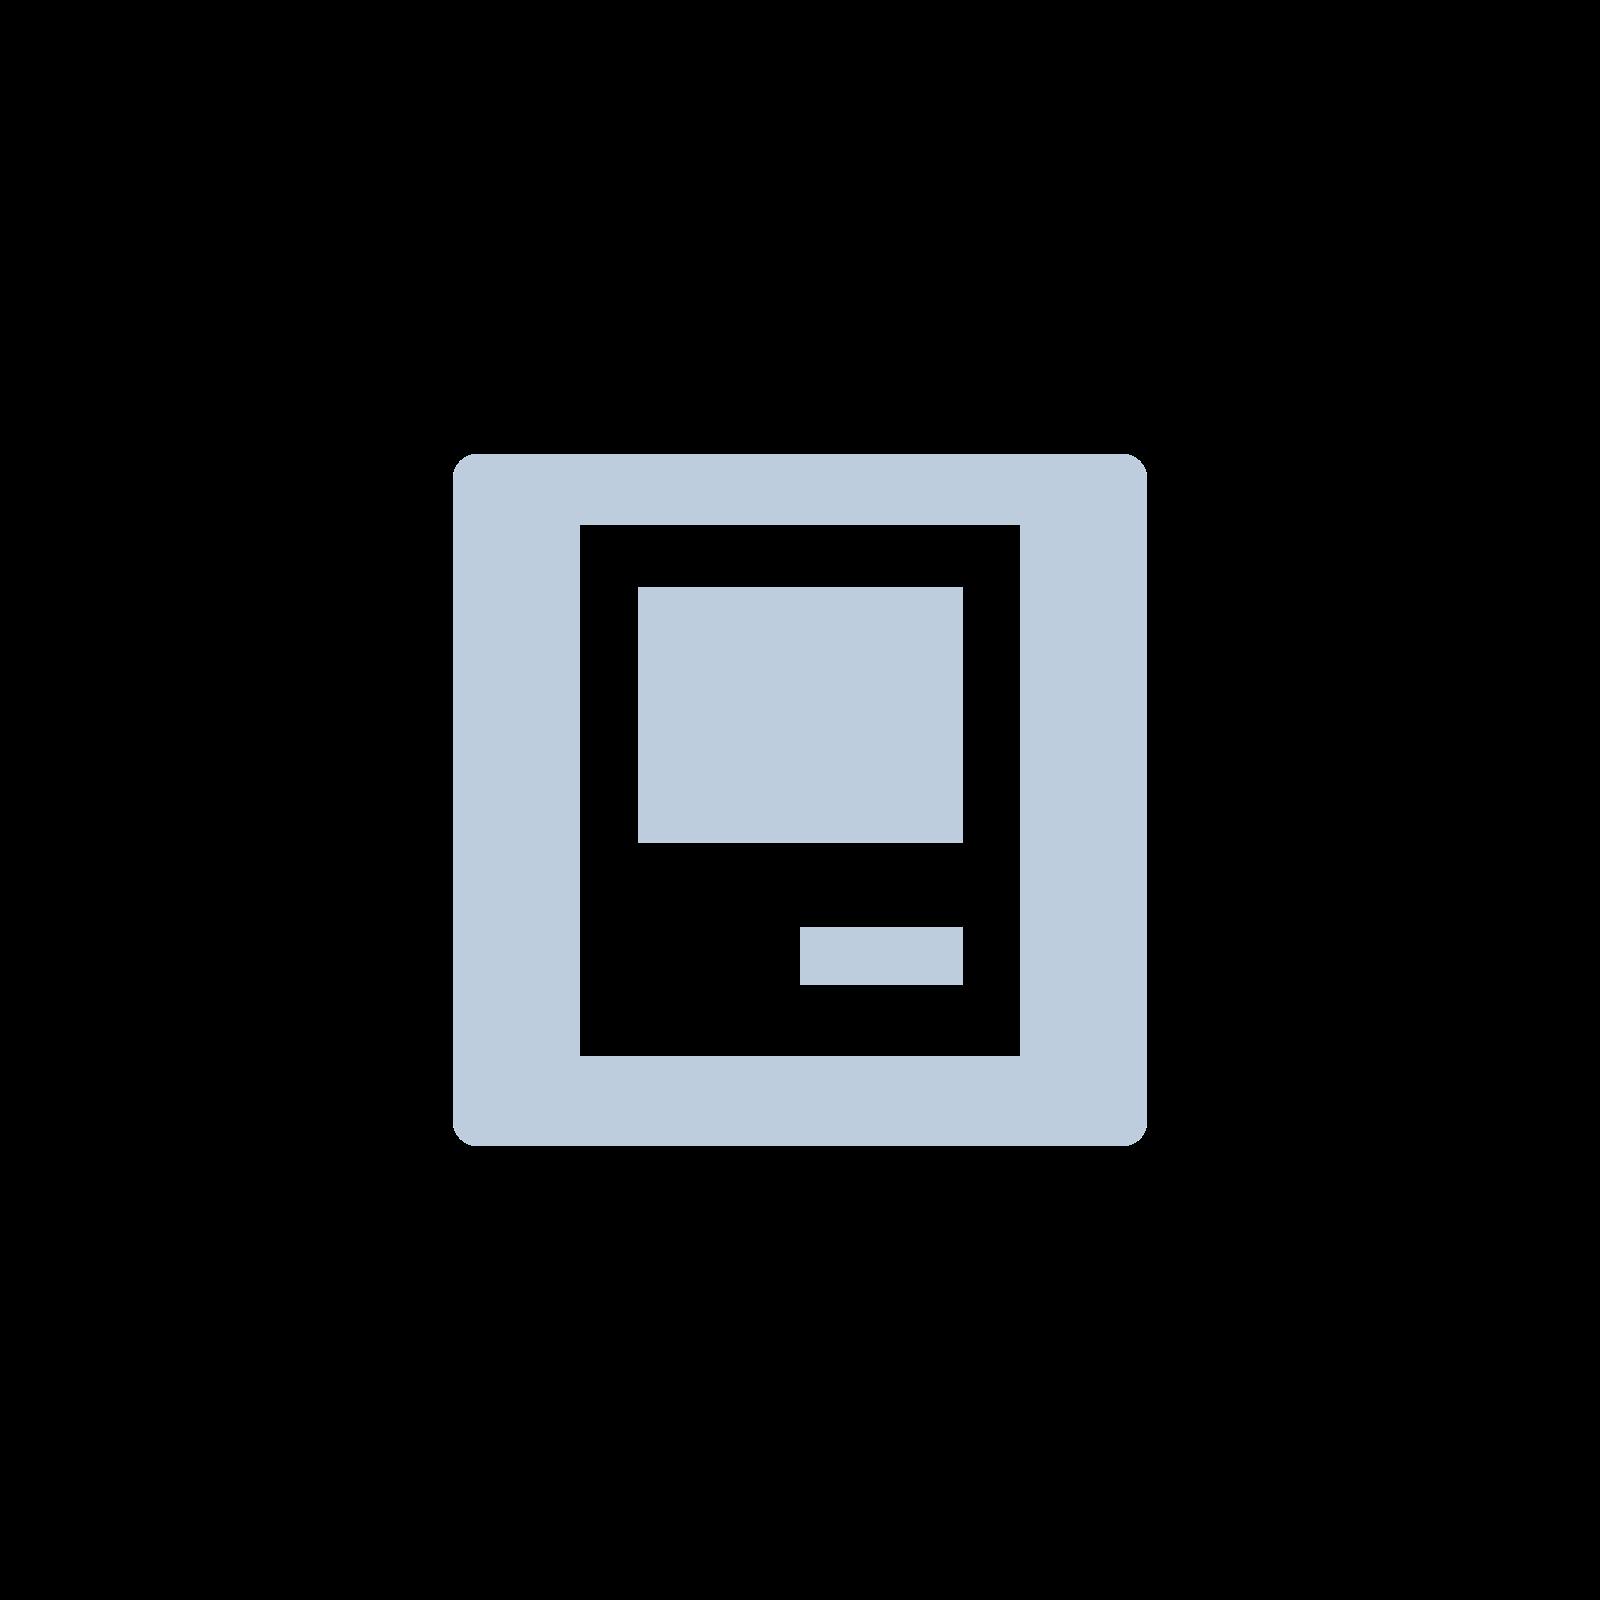 Mac mini Core i7 2.3GHz (Macmini6,2, 1TB, 4GB)